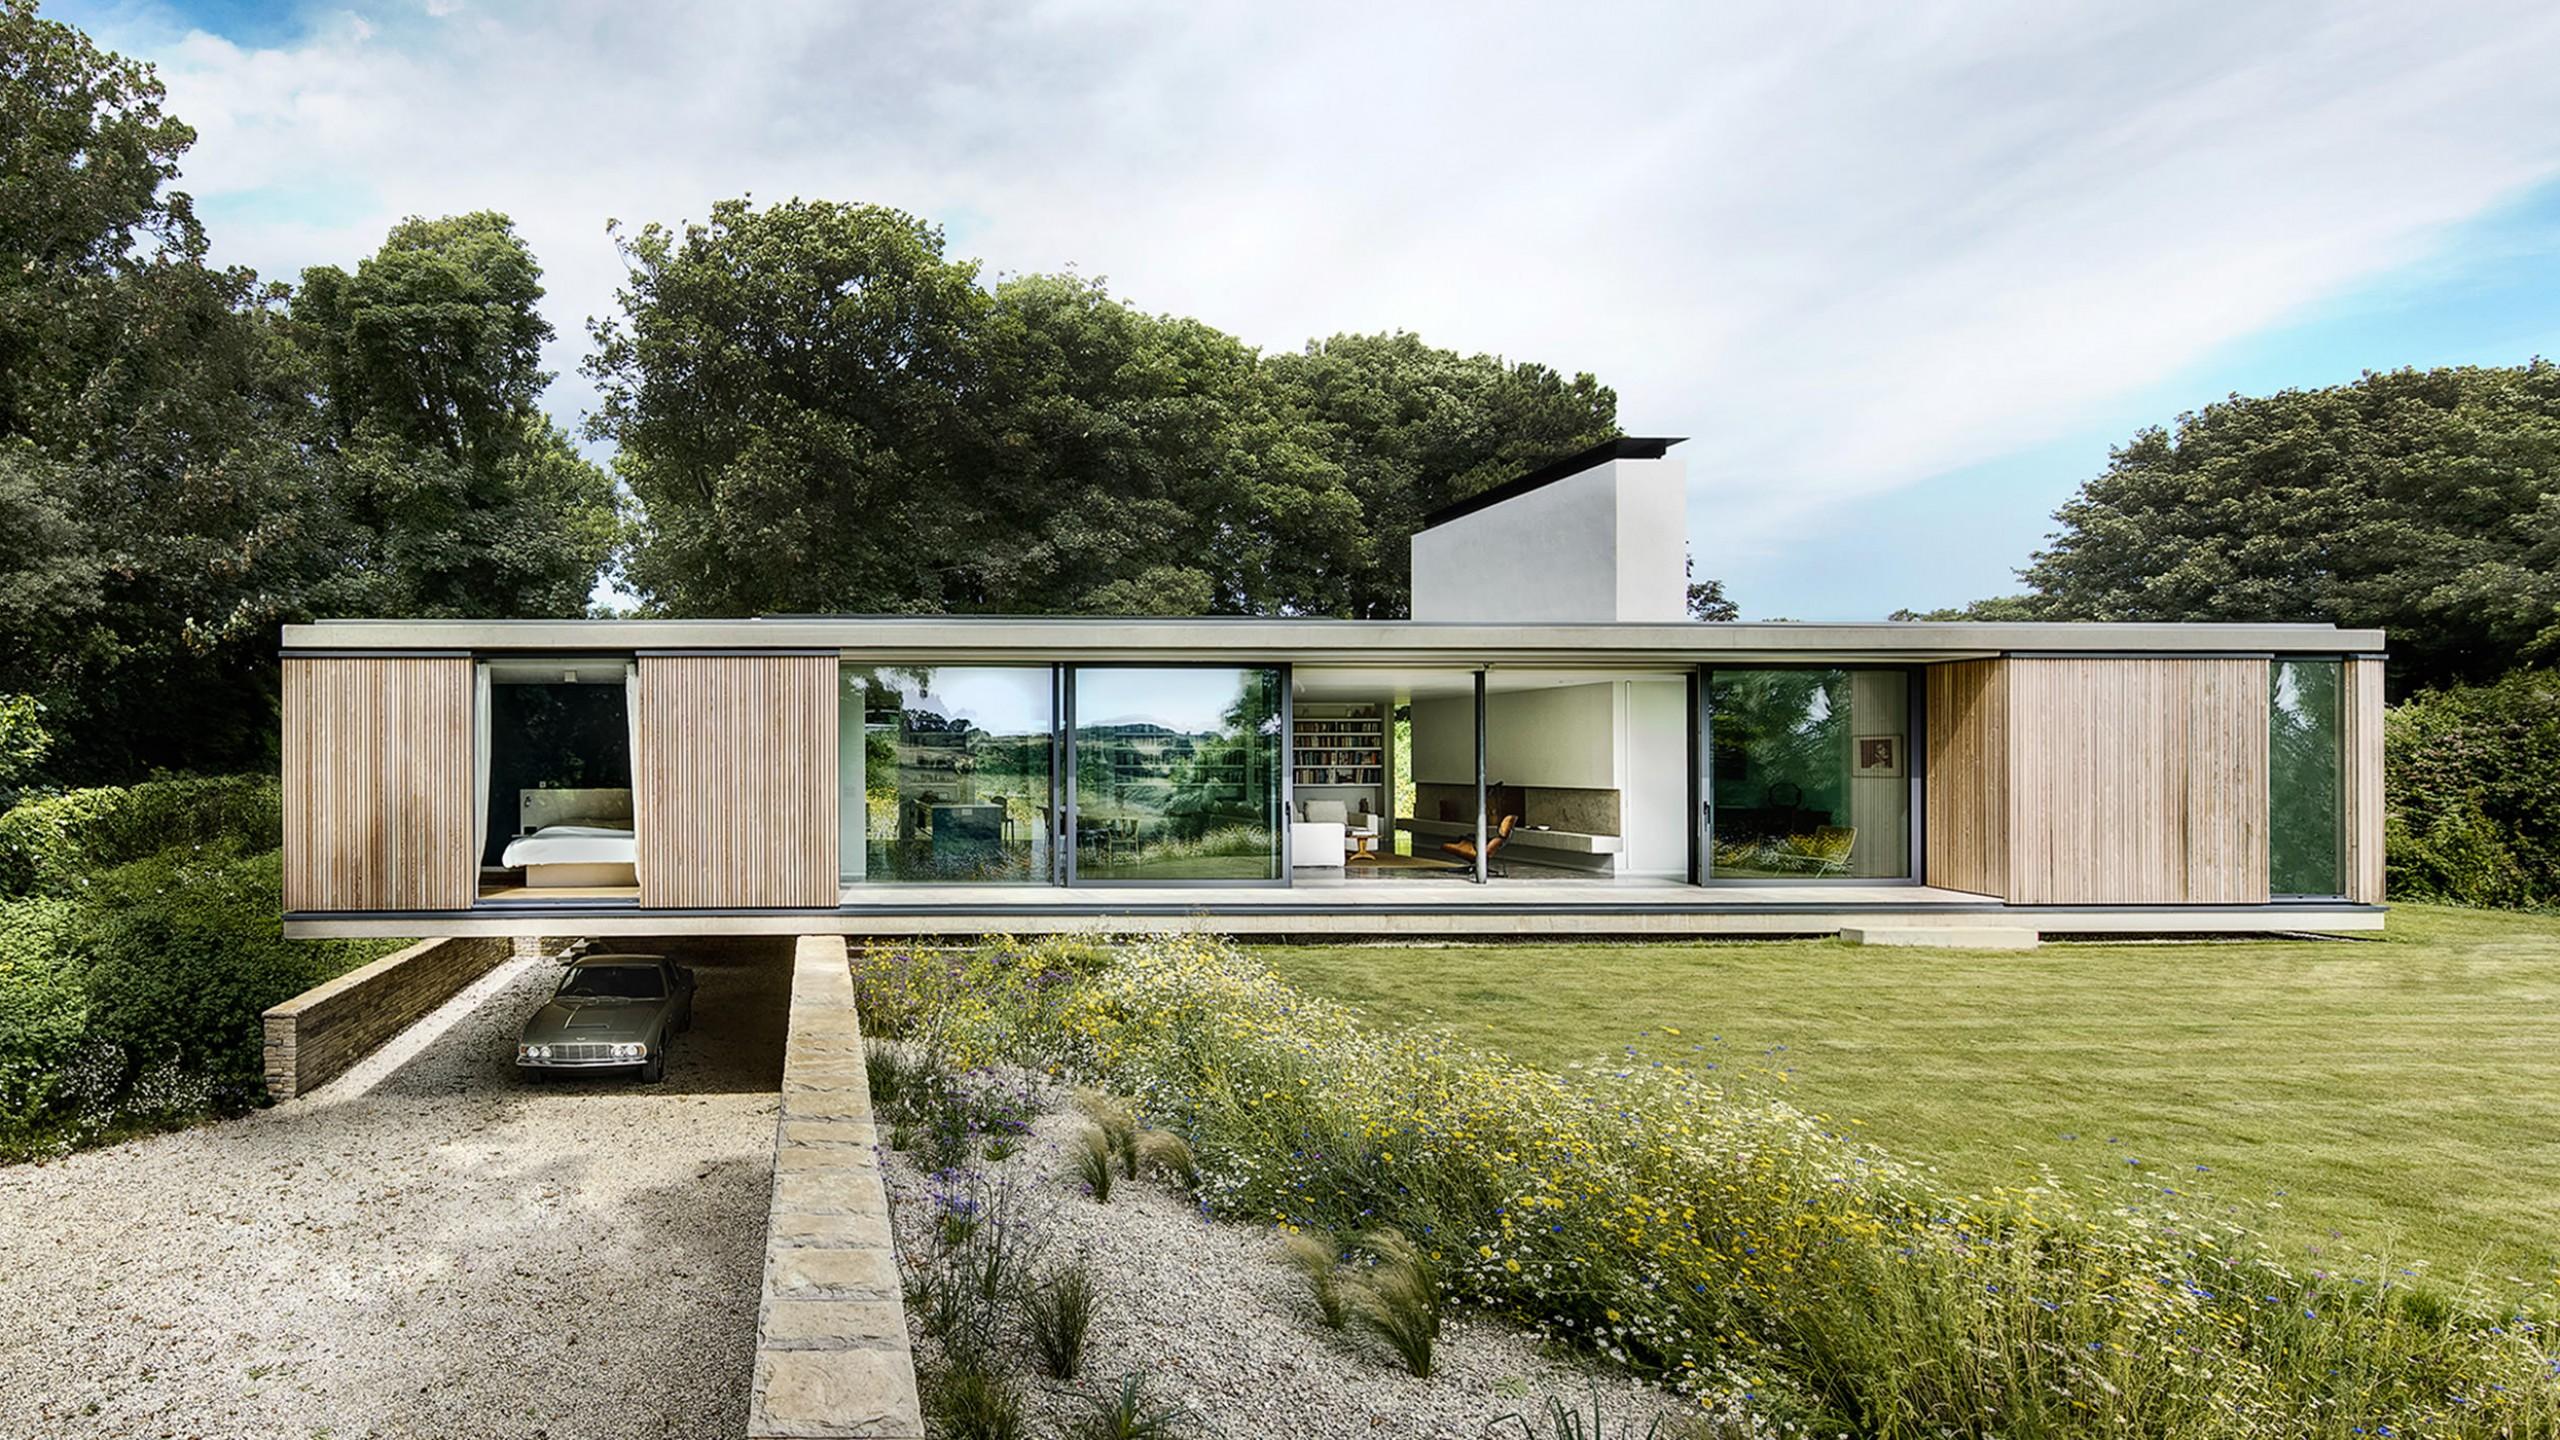 Modern housing for retirement